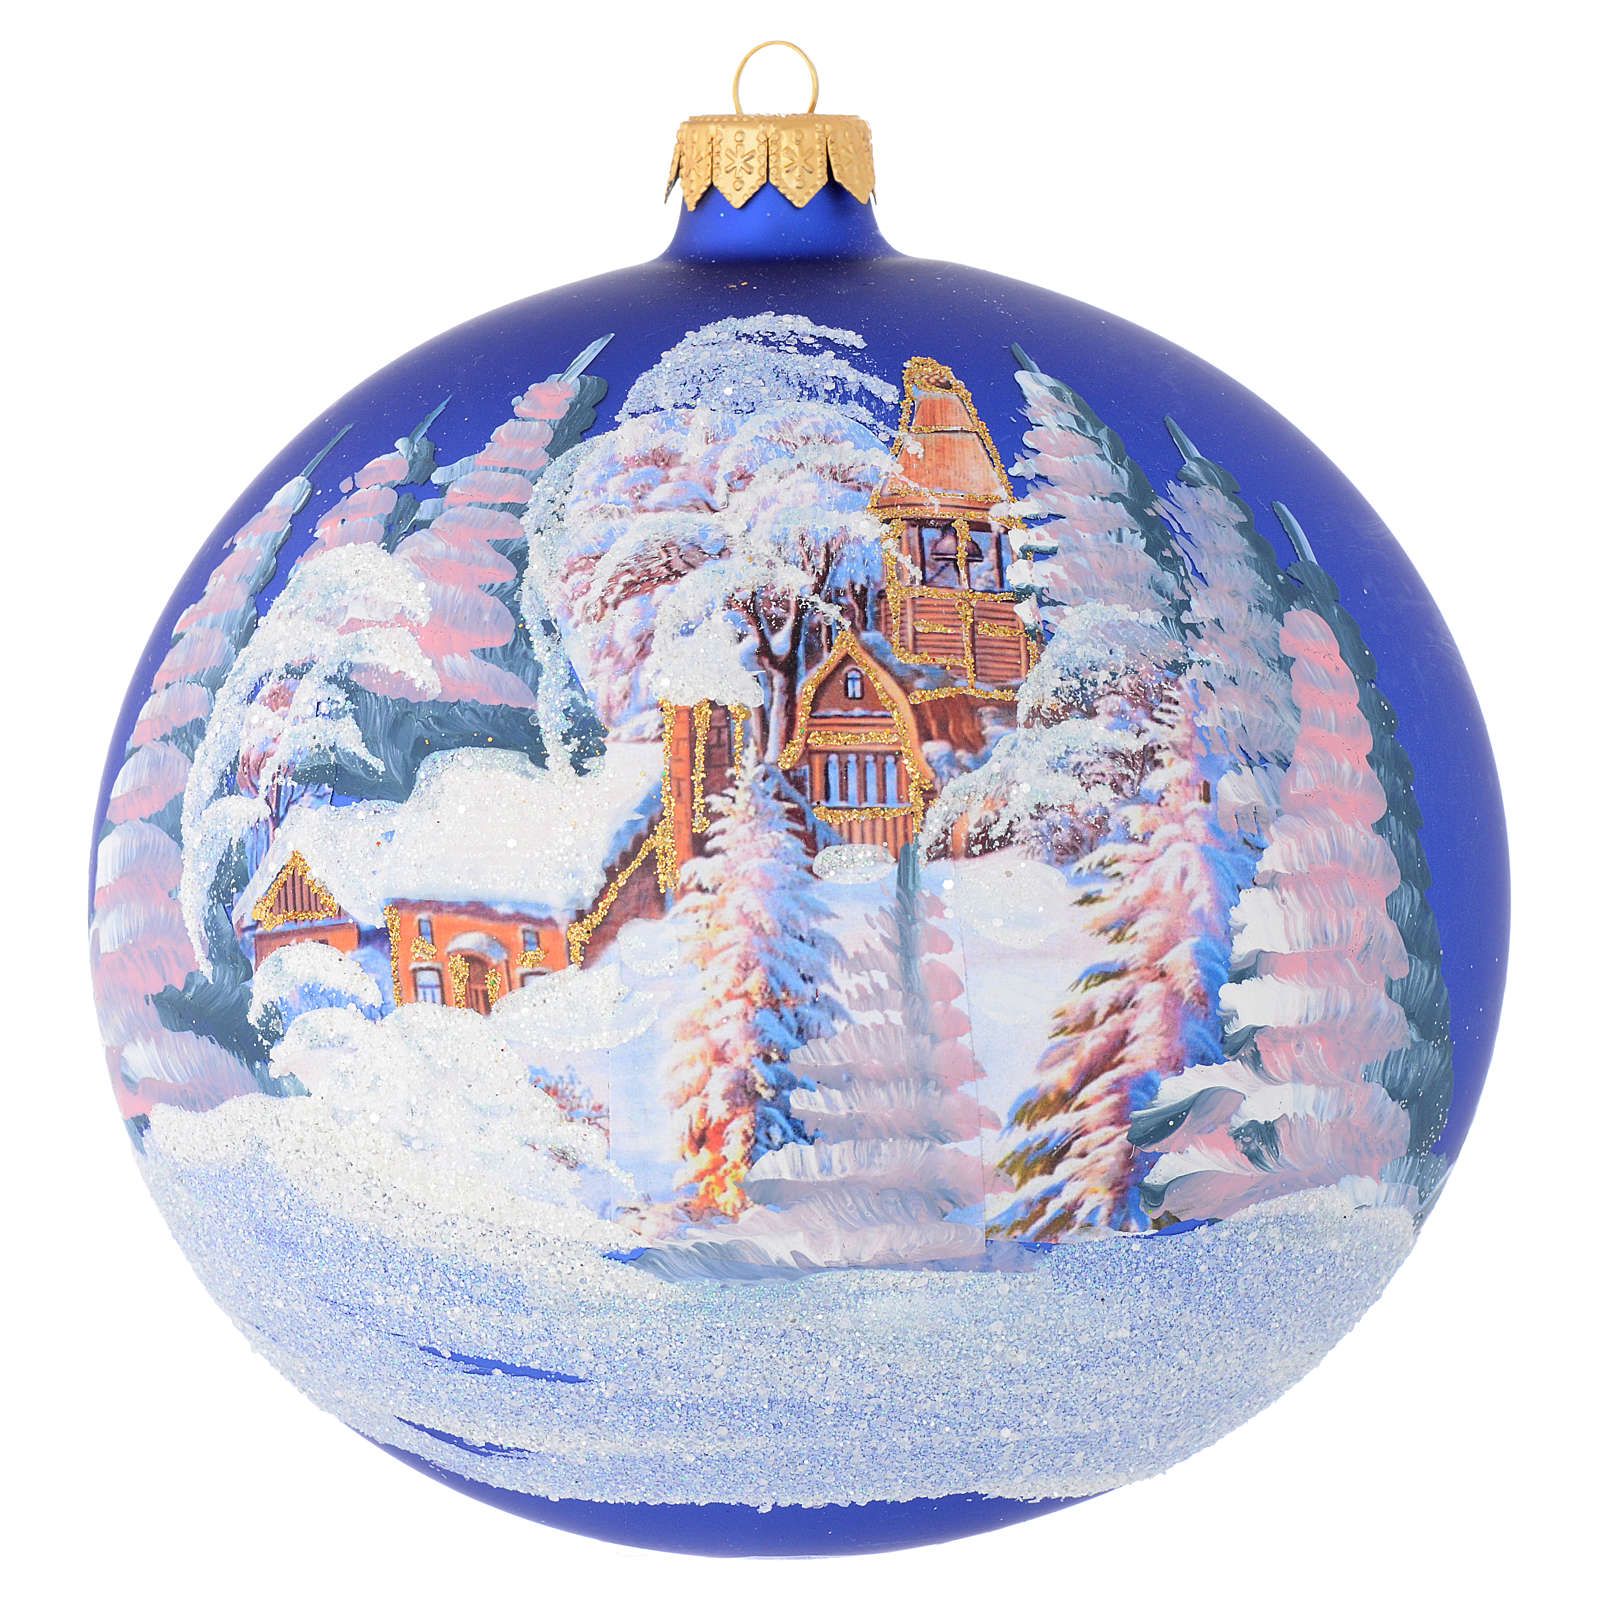 Bombka bożonarodzeniowa szkło niebieskie  pejzaż decoupage 150mm 4